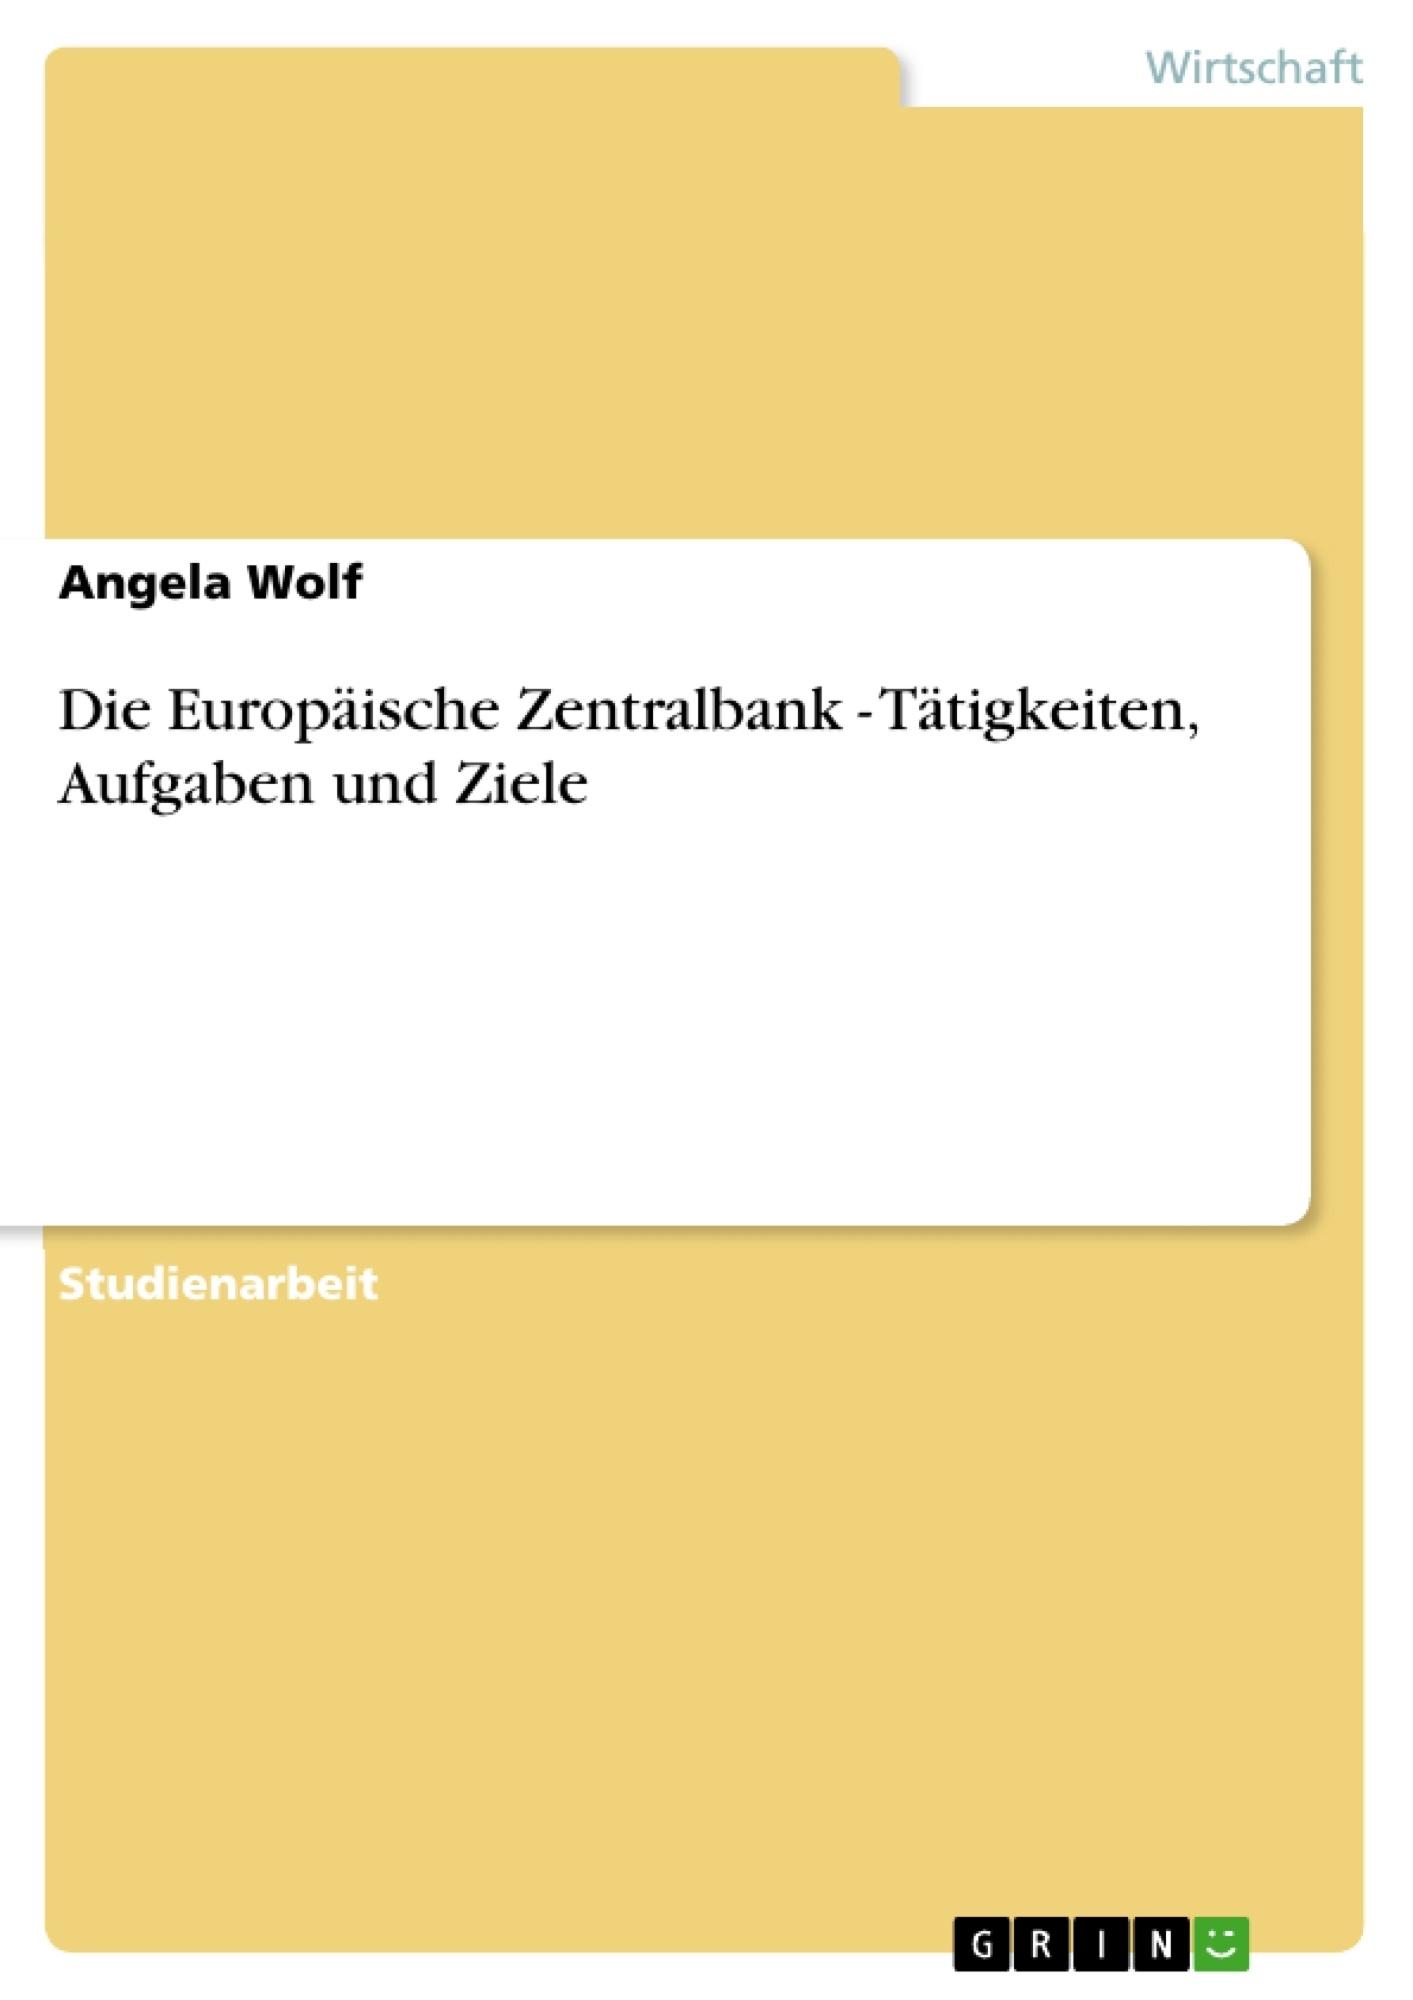 Titel: Die Europäische Zentralbank  -  Tätigkeiten,  Aufgaben und Ziele